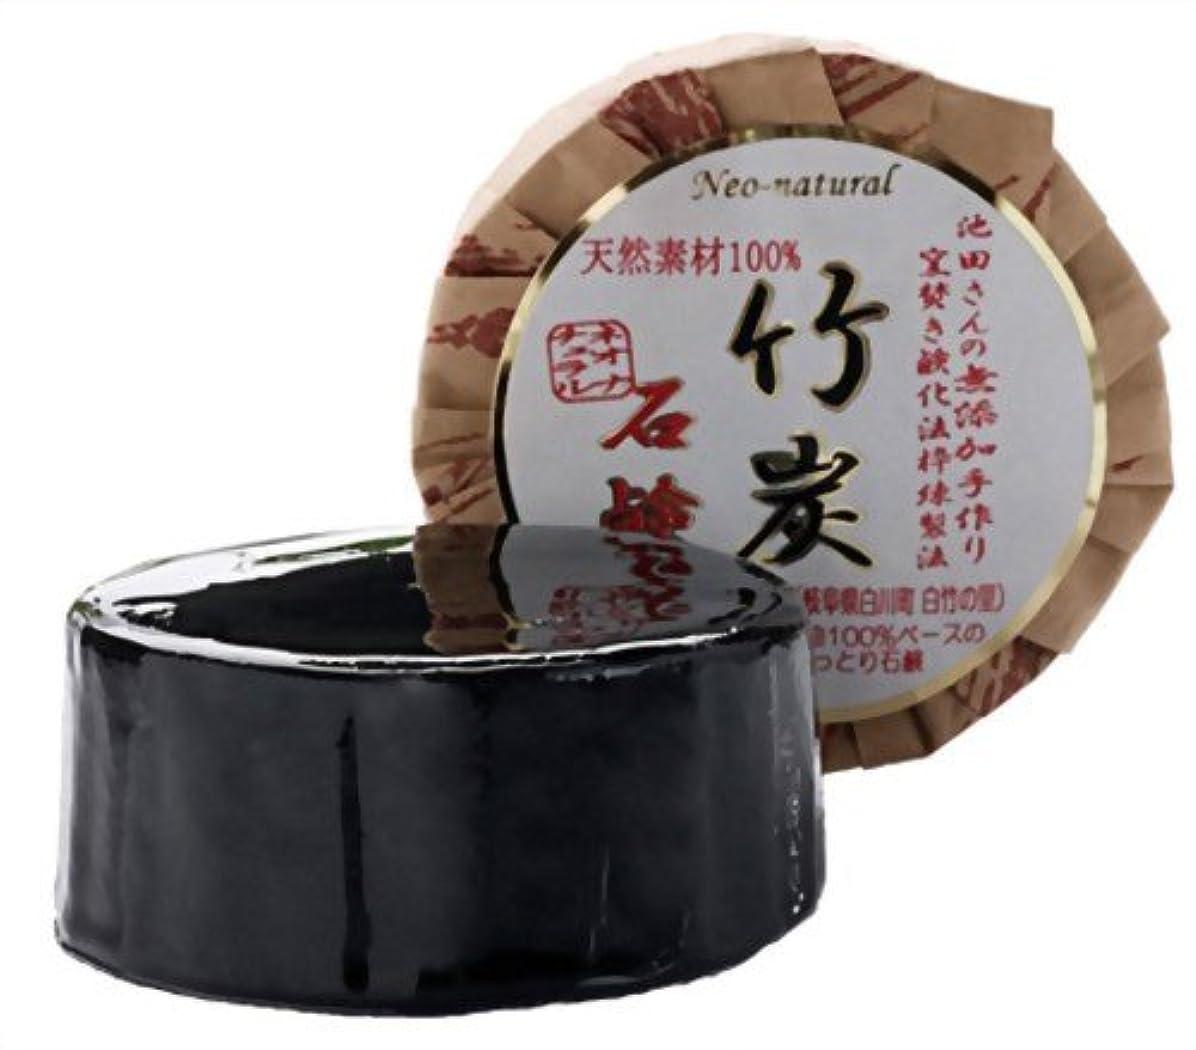 アストロラーベワイプ冒険者ネオナチュラル 池田さんの竹炭石鹸 105g